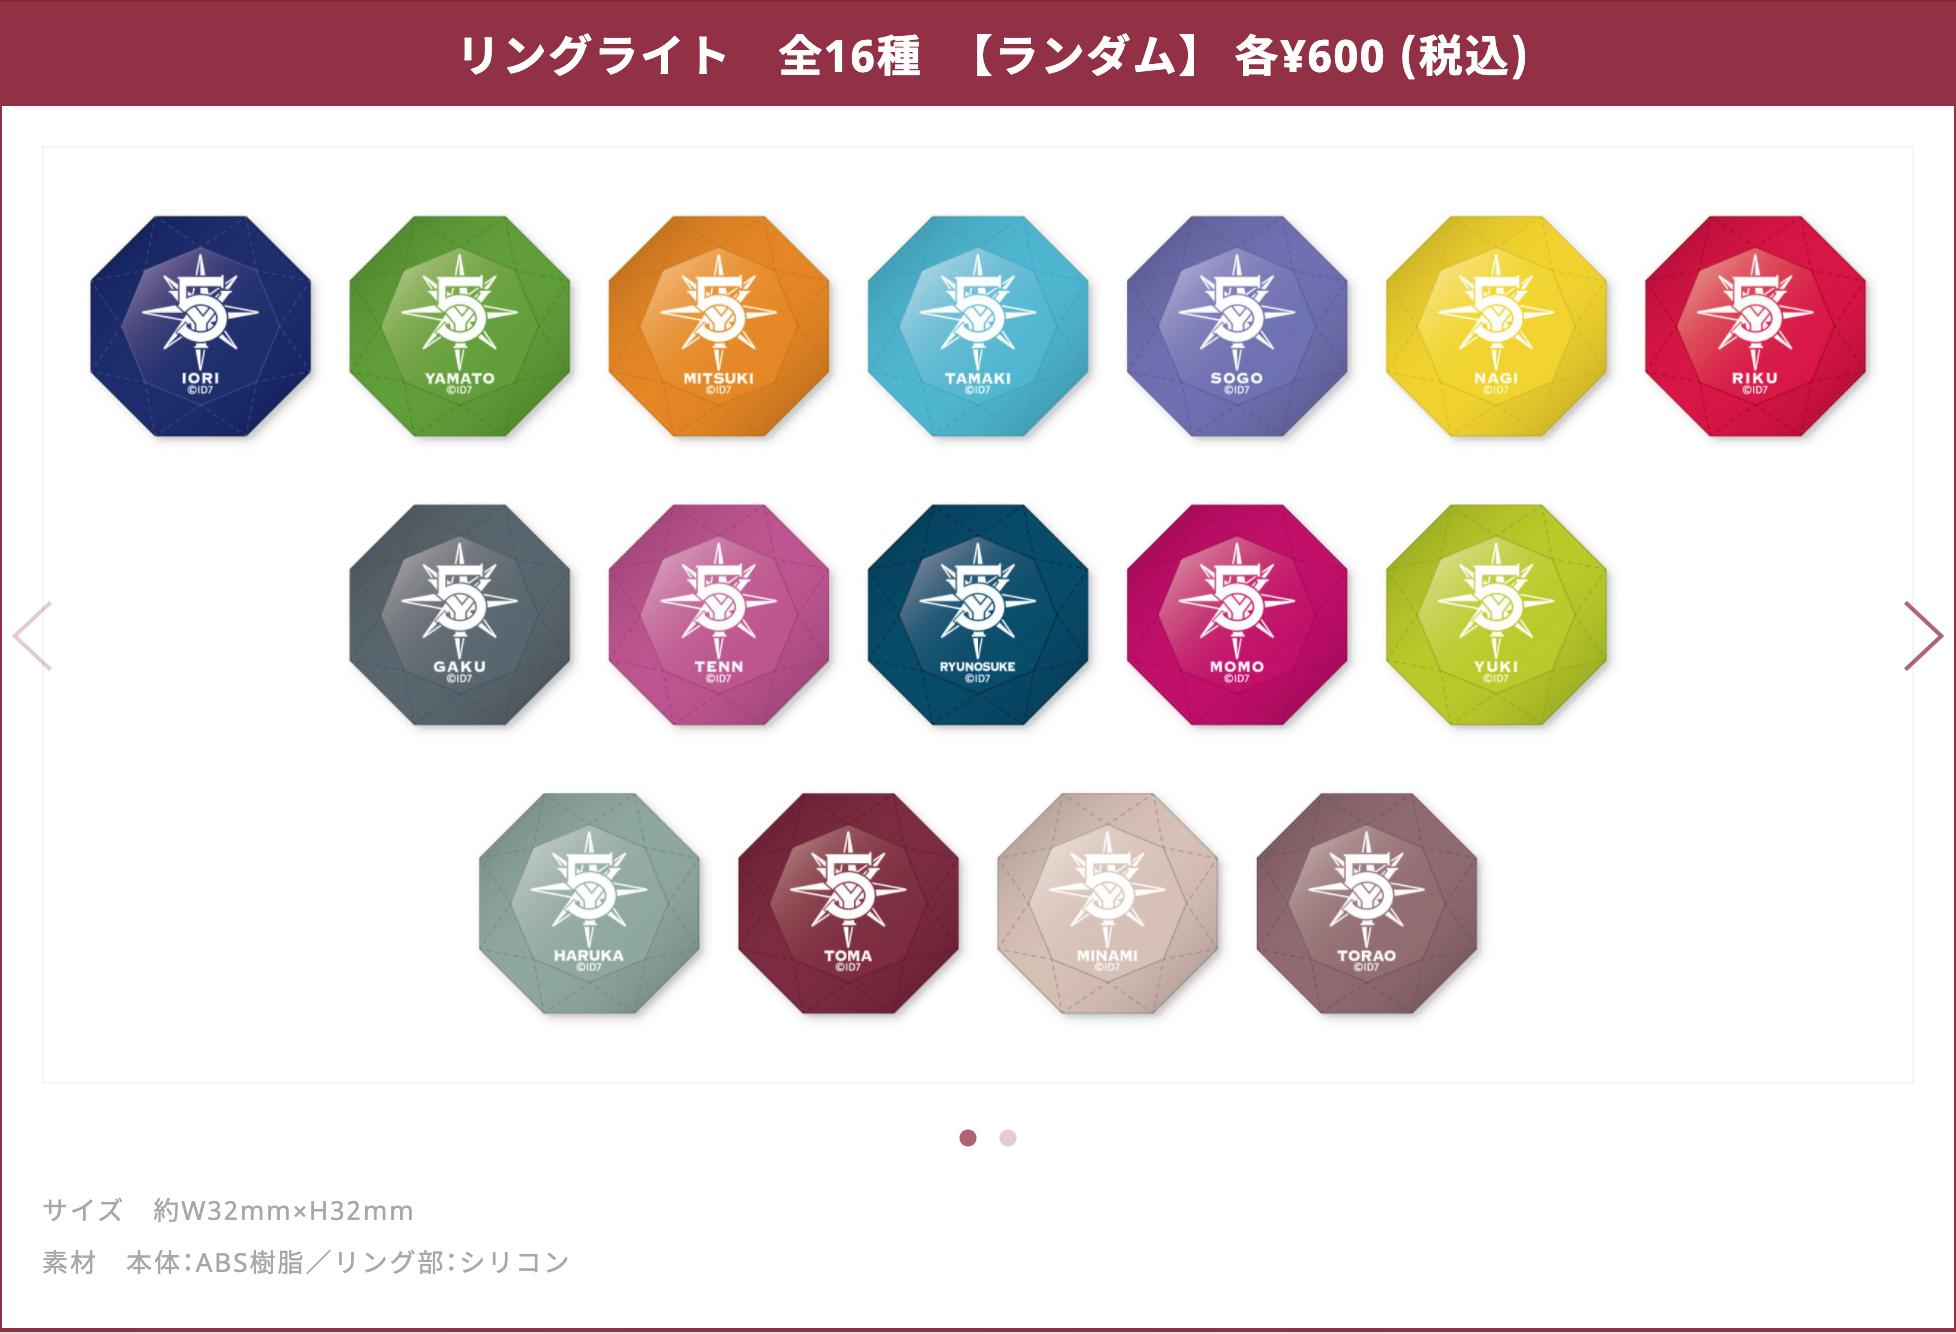 「アイドリッシュセブン 5th Anniversary Event グッズ」リングライト 全16種 【ランダム】